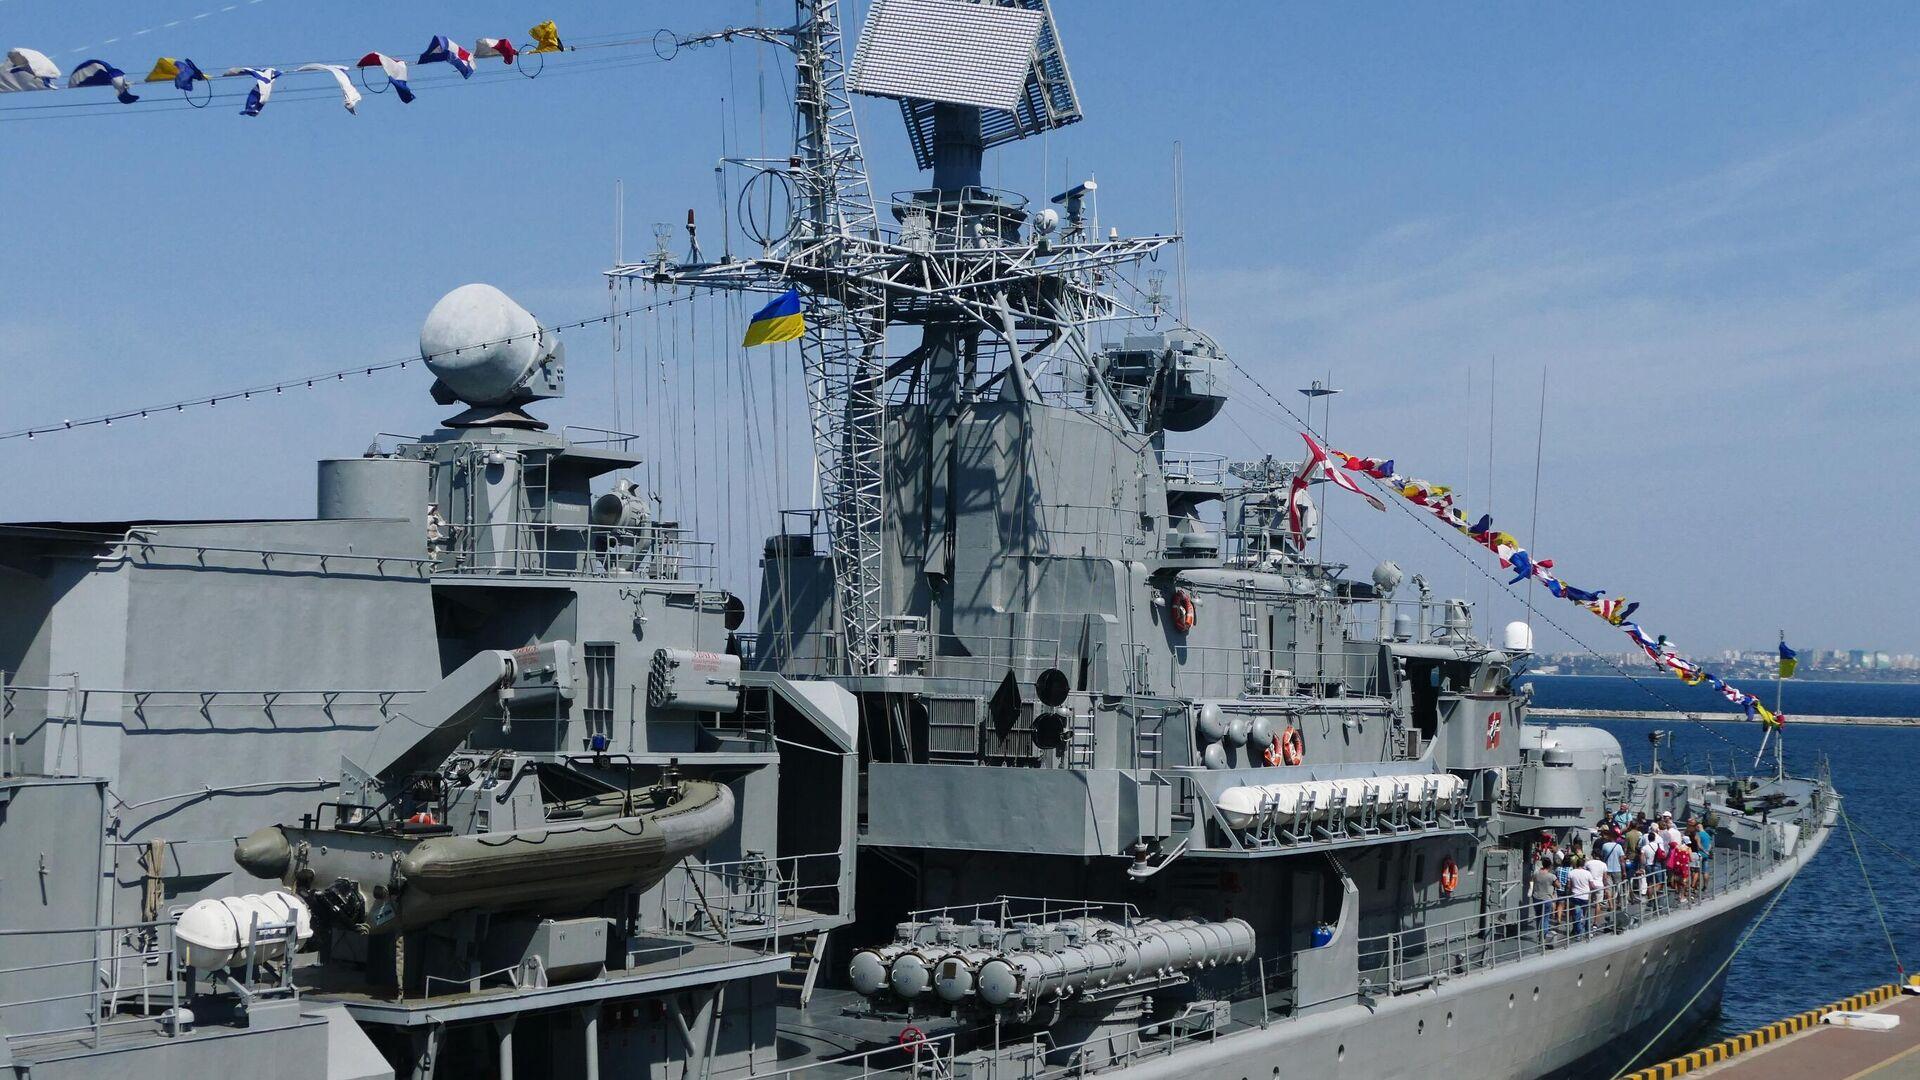 Посетители на фрегате Гетман Сагайдачный во время демонстрации кораблей ВМСУ в рамках празднования Дня независимости Украины - РИА Новости, 1920, 23.02.2021